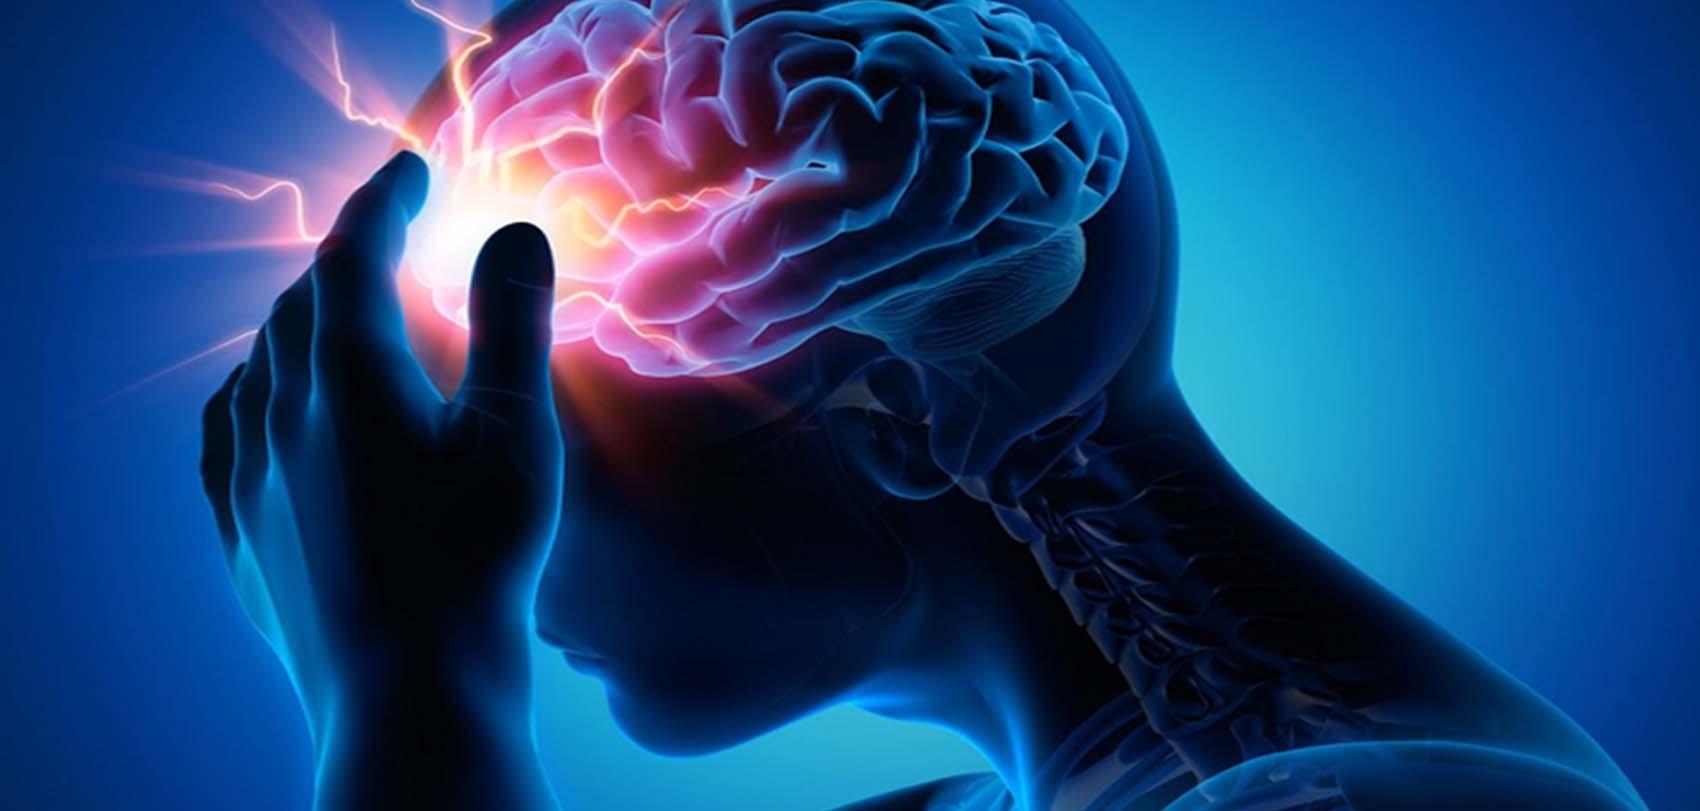 किन हुन्छ मस्तिष्कघात? जान्नुहोस् कारण र लक्षण